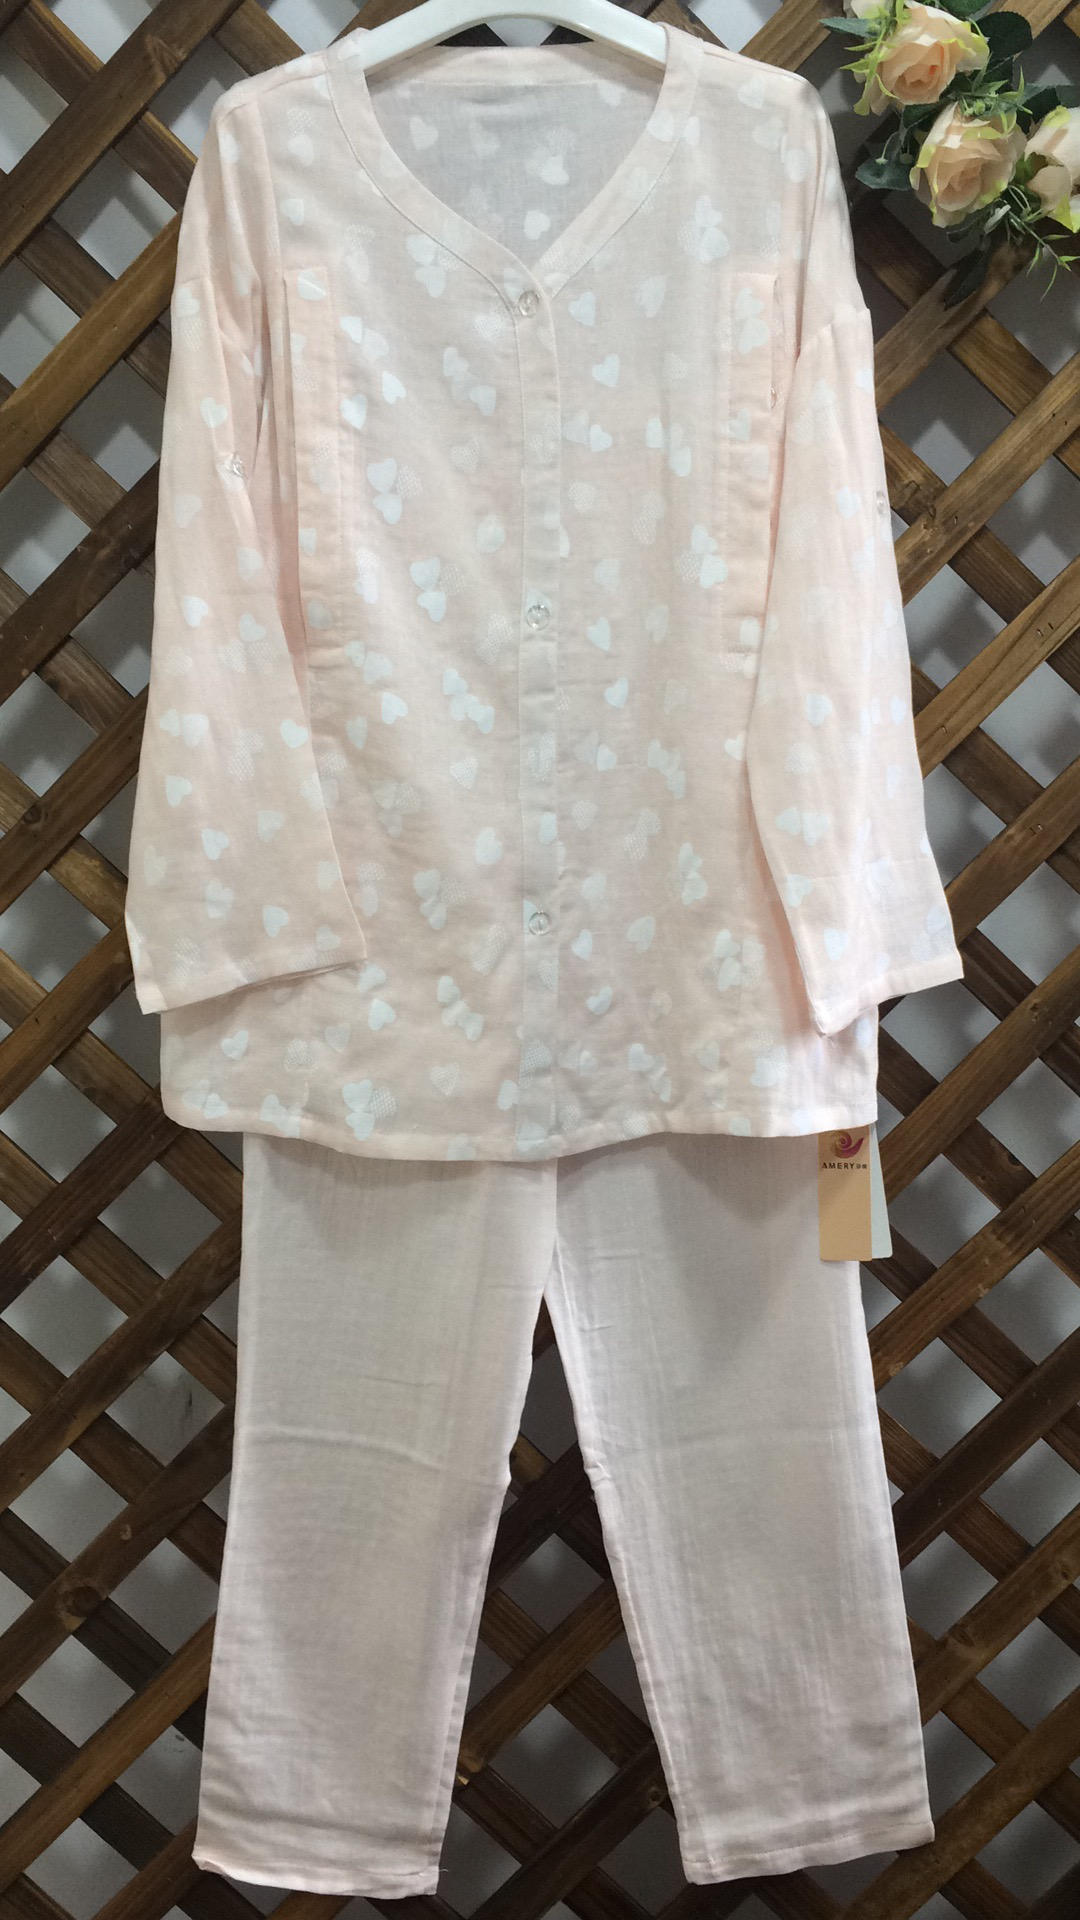 妊娠美春夏の純綿ガーゼの月子服の出産前後の妊娠中の女性のパジャマの女性の授乳服の家庭用品